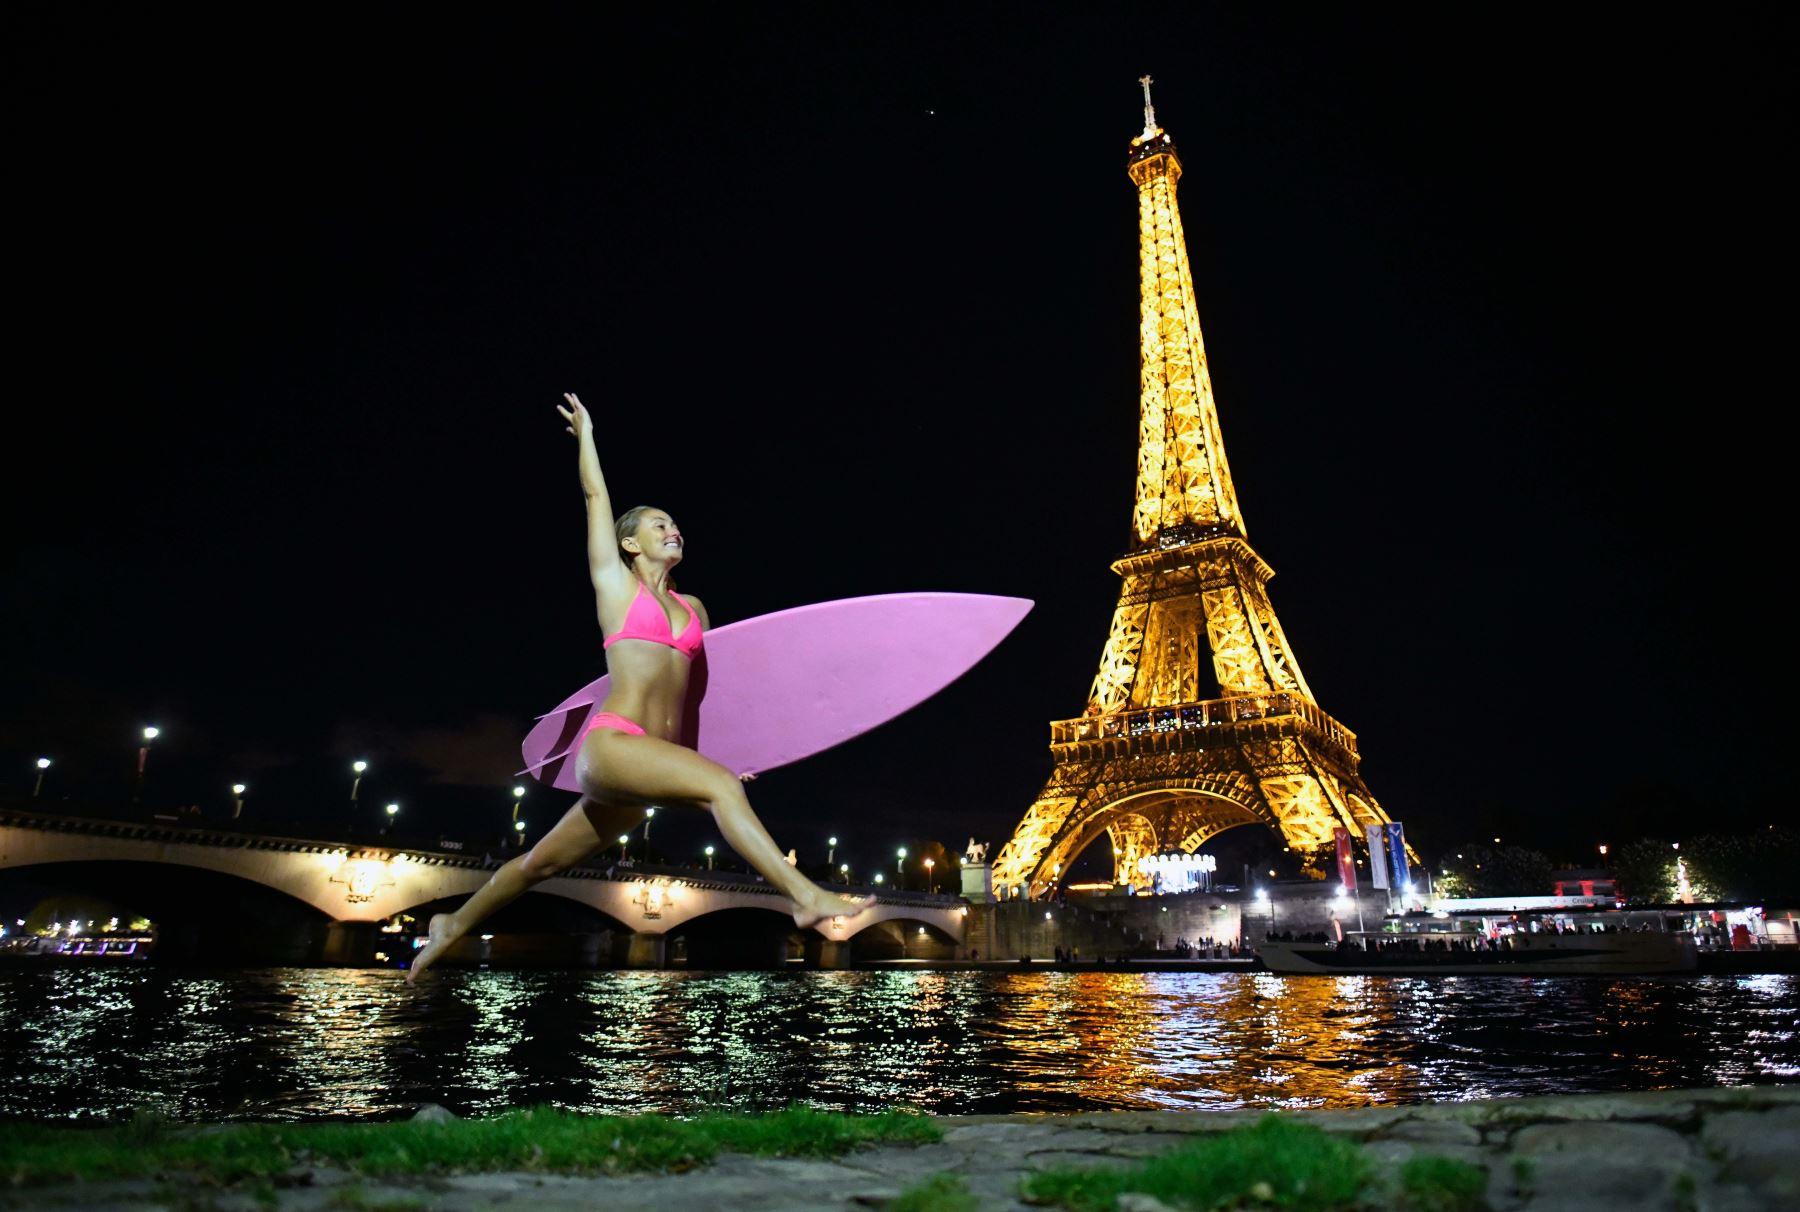 La surfista y aventurera estadounidense Alison Teal salta con sus olas junto al río Sena frente a la Torre Eiffel en París, para respaldar los esfuerzos para combatir el cambio climático.Foto:AFP